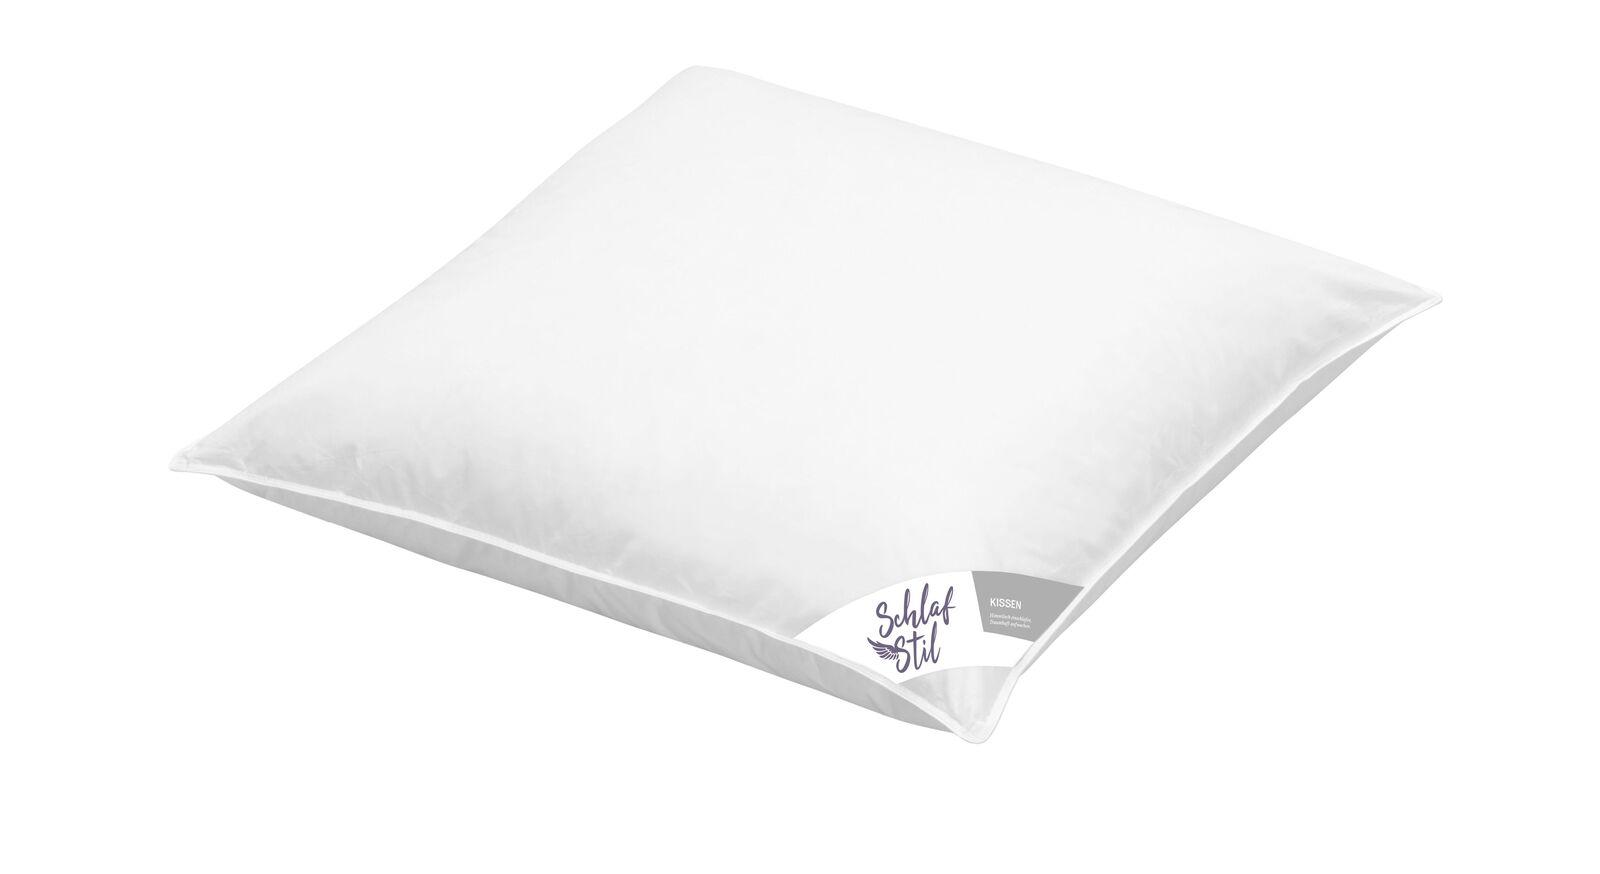 SCHLAFSTIL Markenfaser-Kissen F200 in 80x80 cm mit ungestepptem Bezug